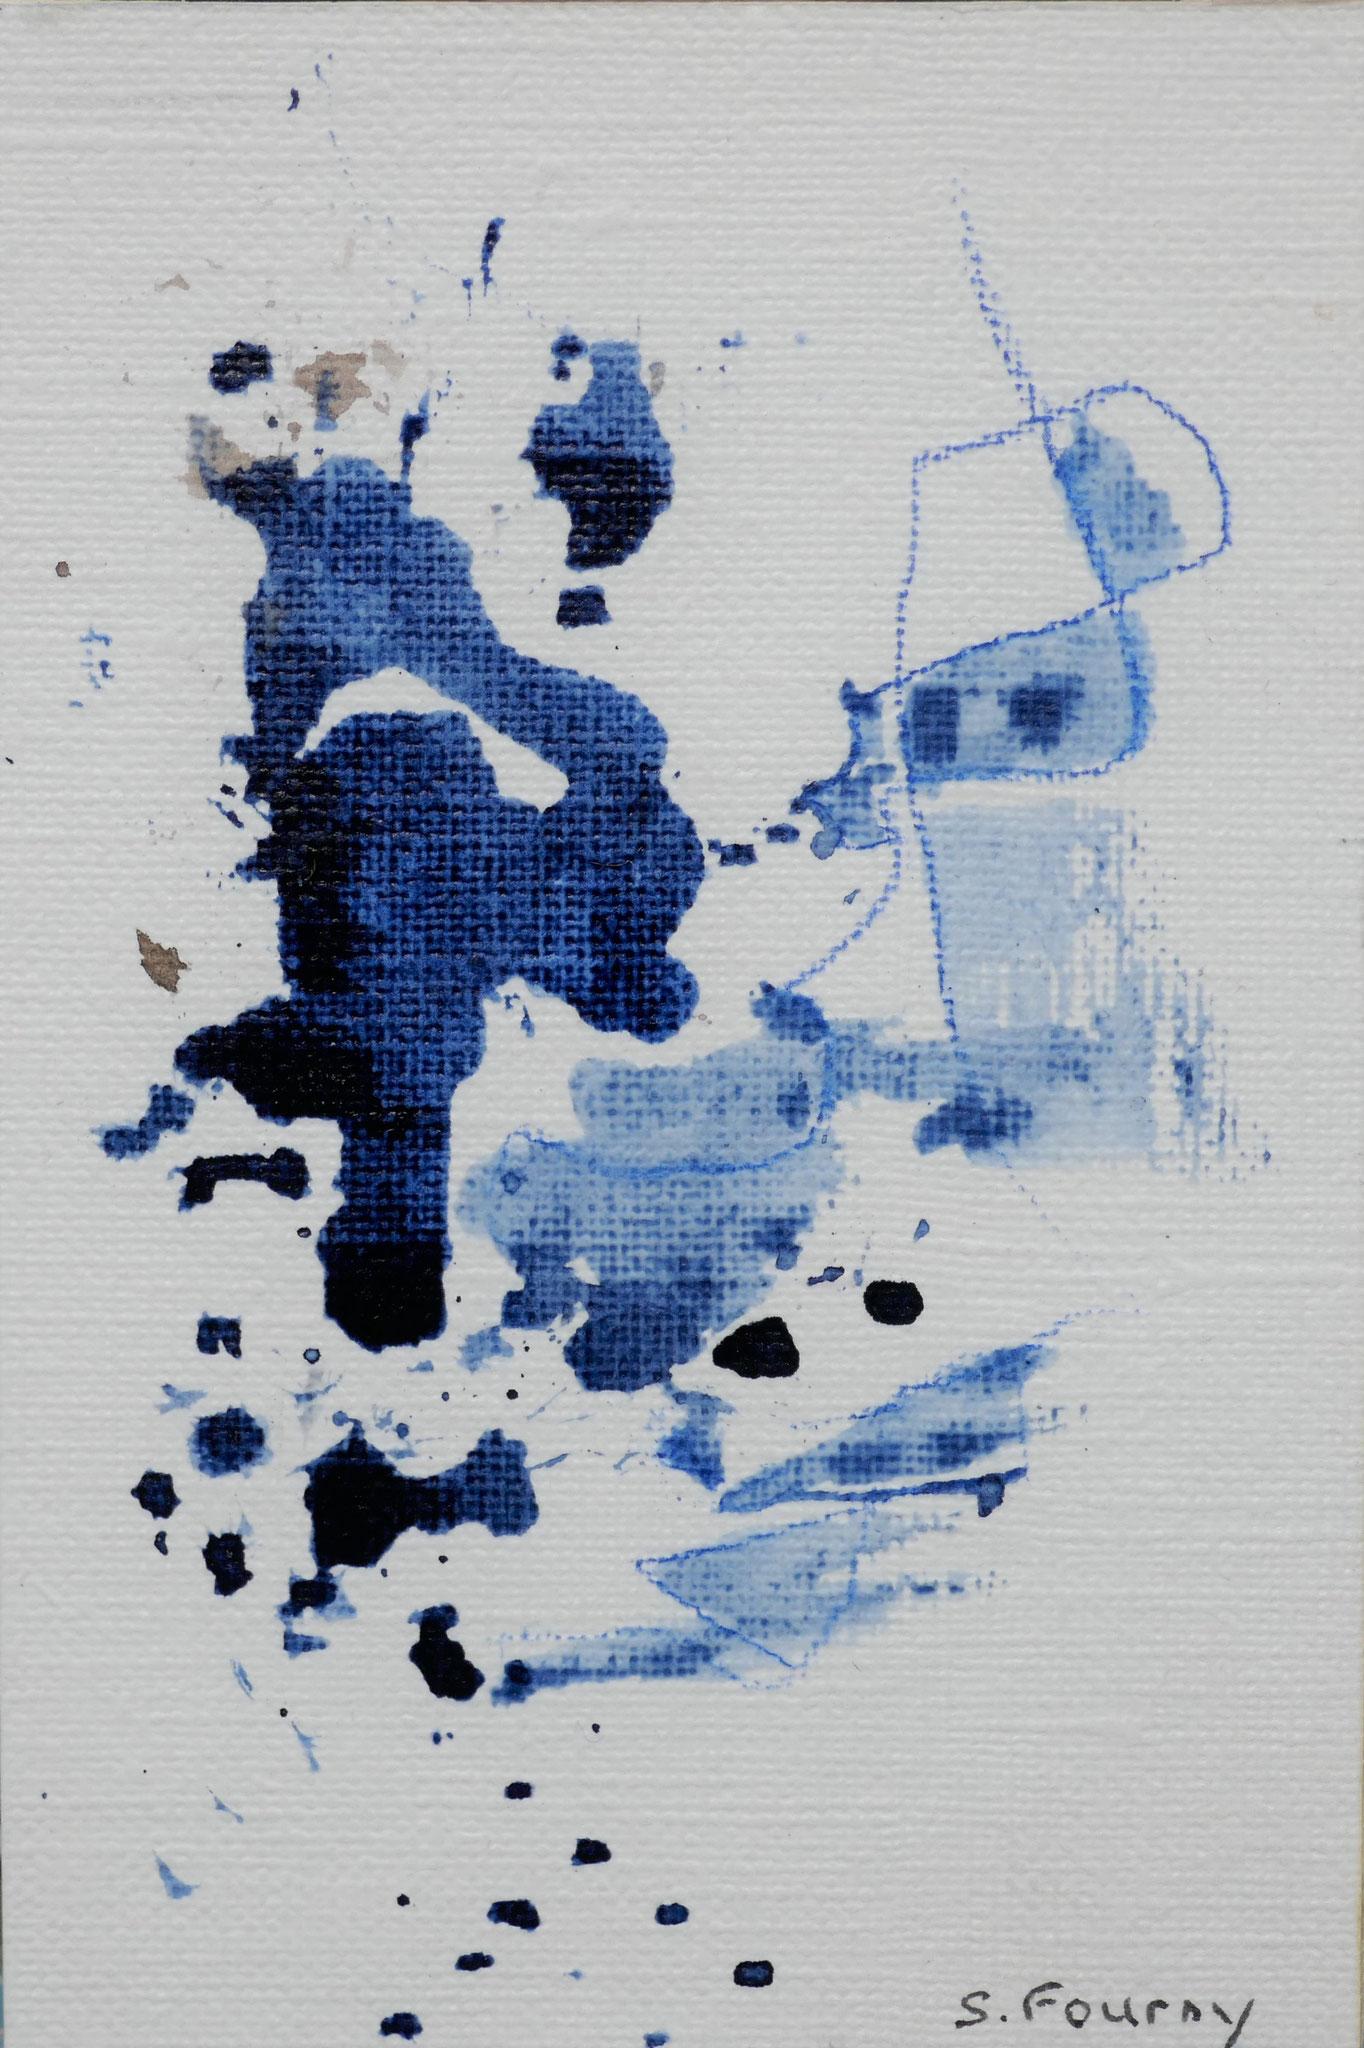 N°47 : 10,5 X 7 cm : encre de chine et crayon aquarellé sur papier